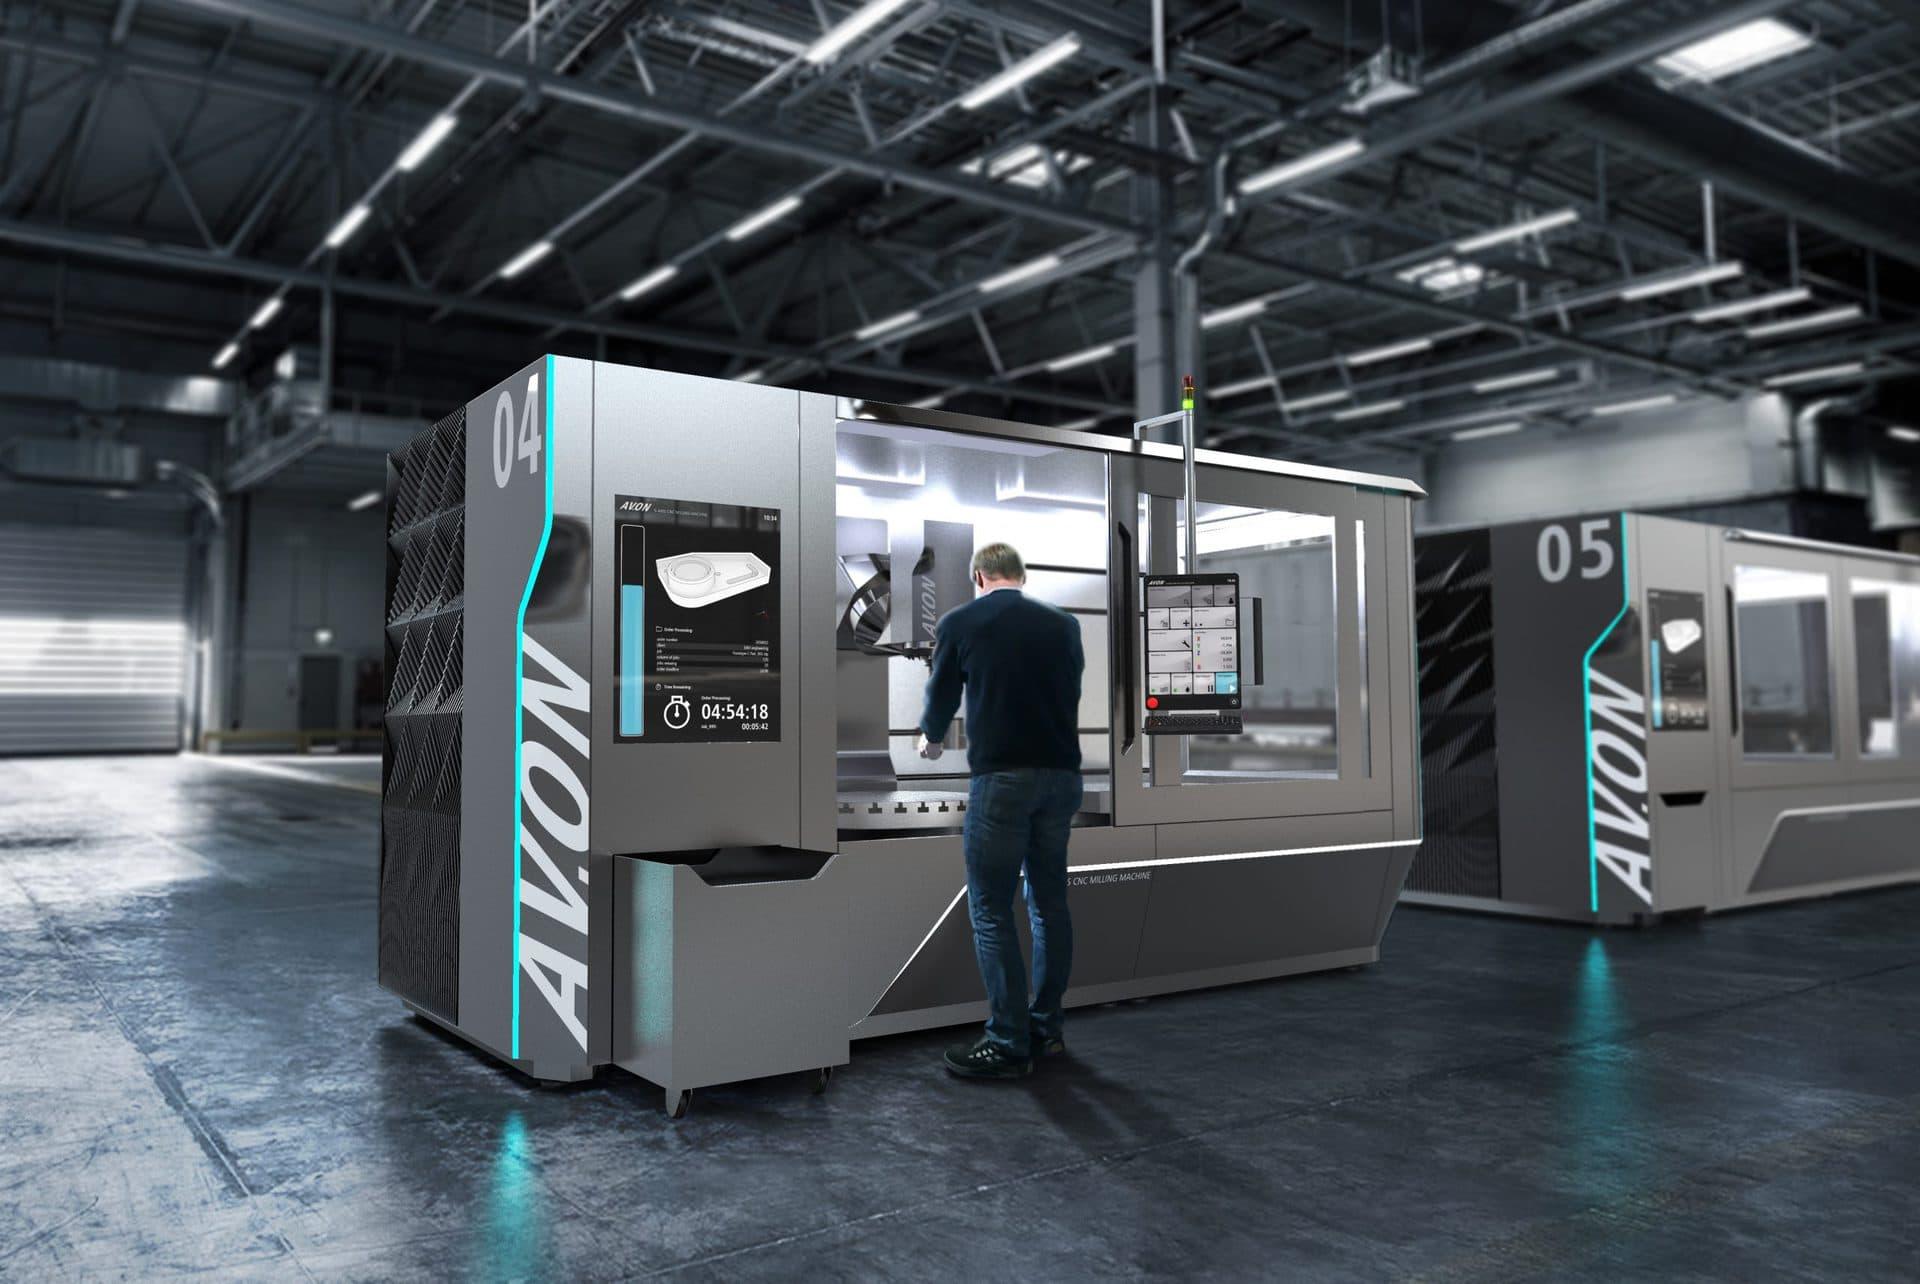 projekter_industrial_design_bearbeitungszentrum_produktionsstrasse